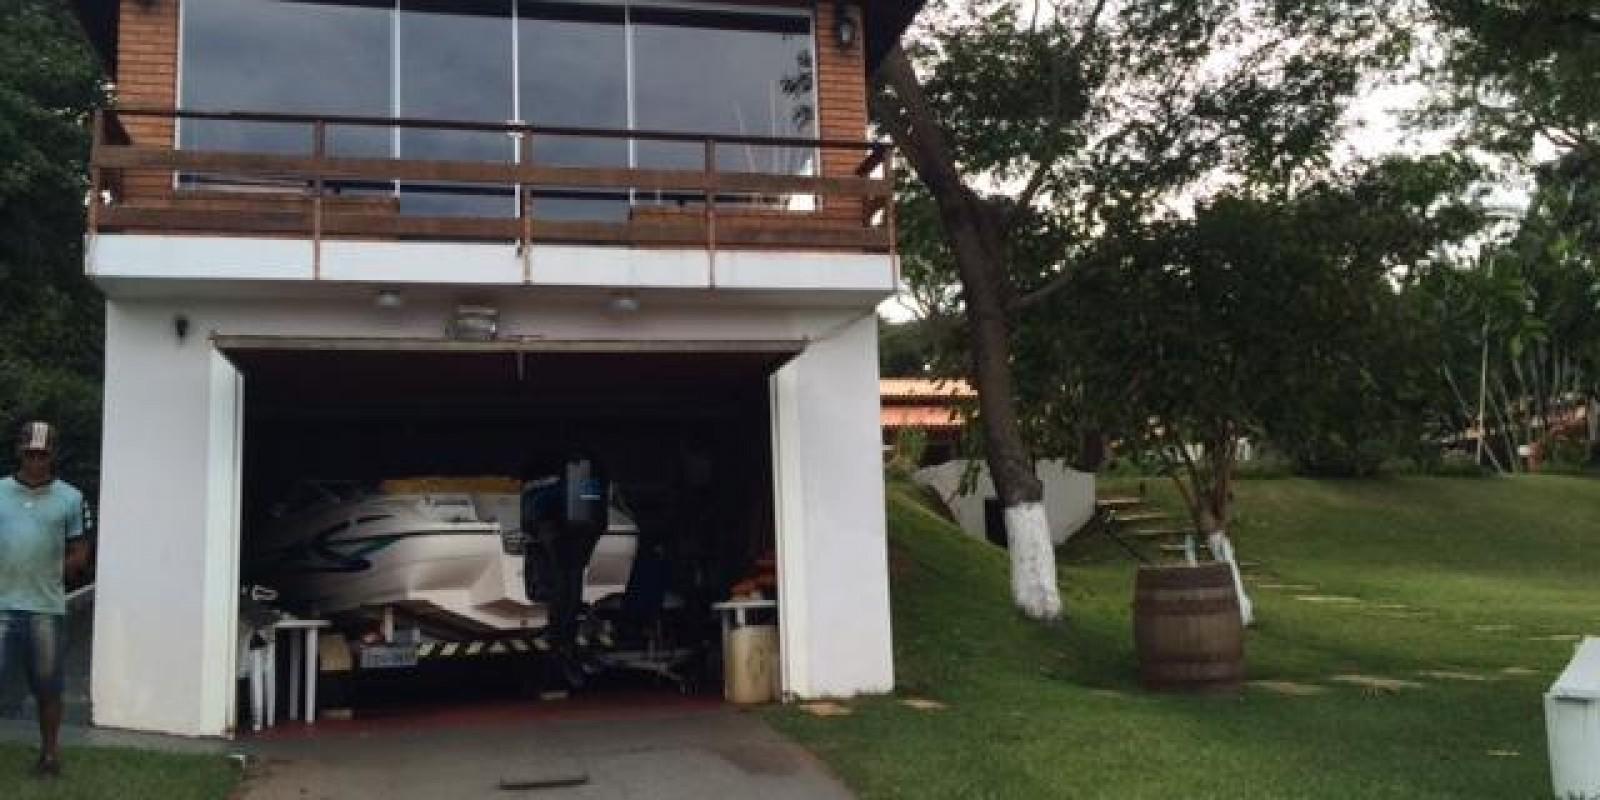 Casa na Represa em Avaré SP - Foto 10 de 20